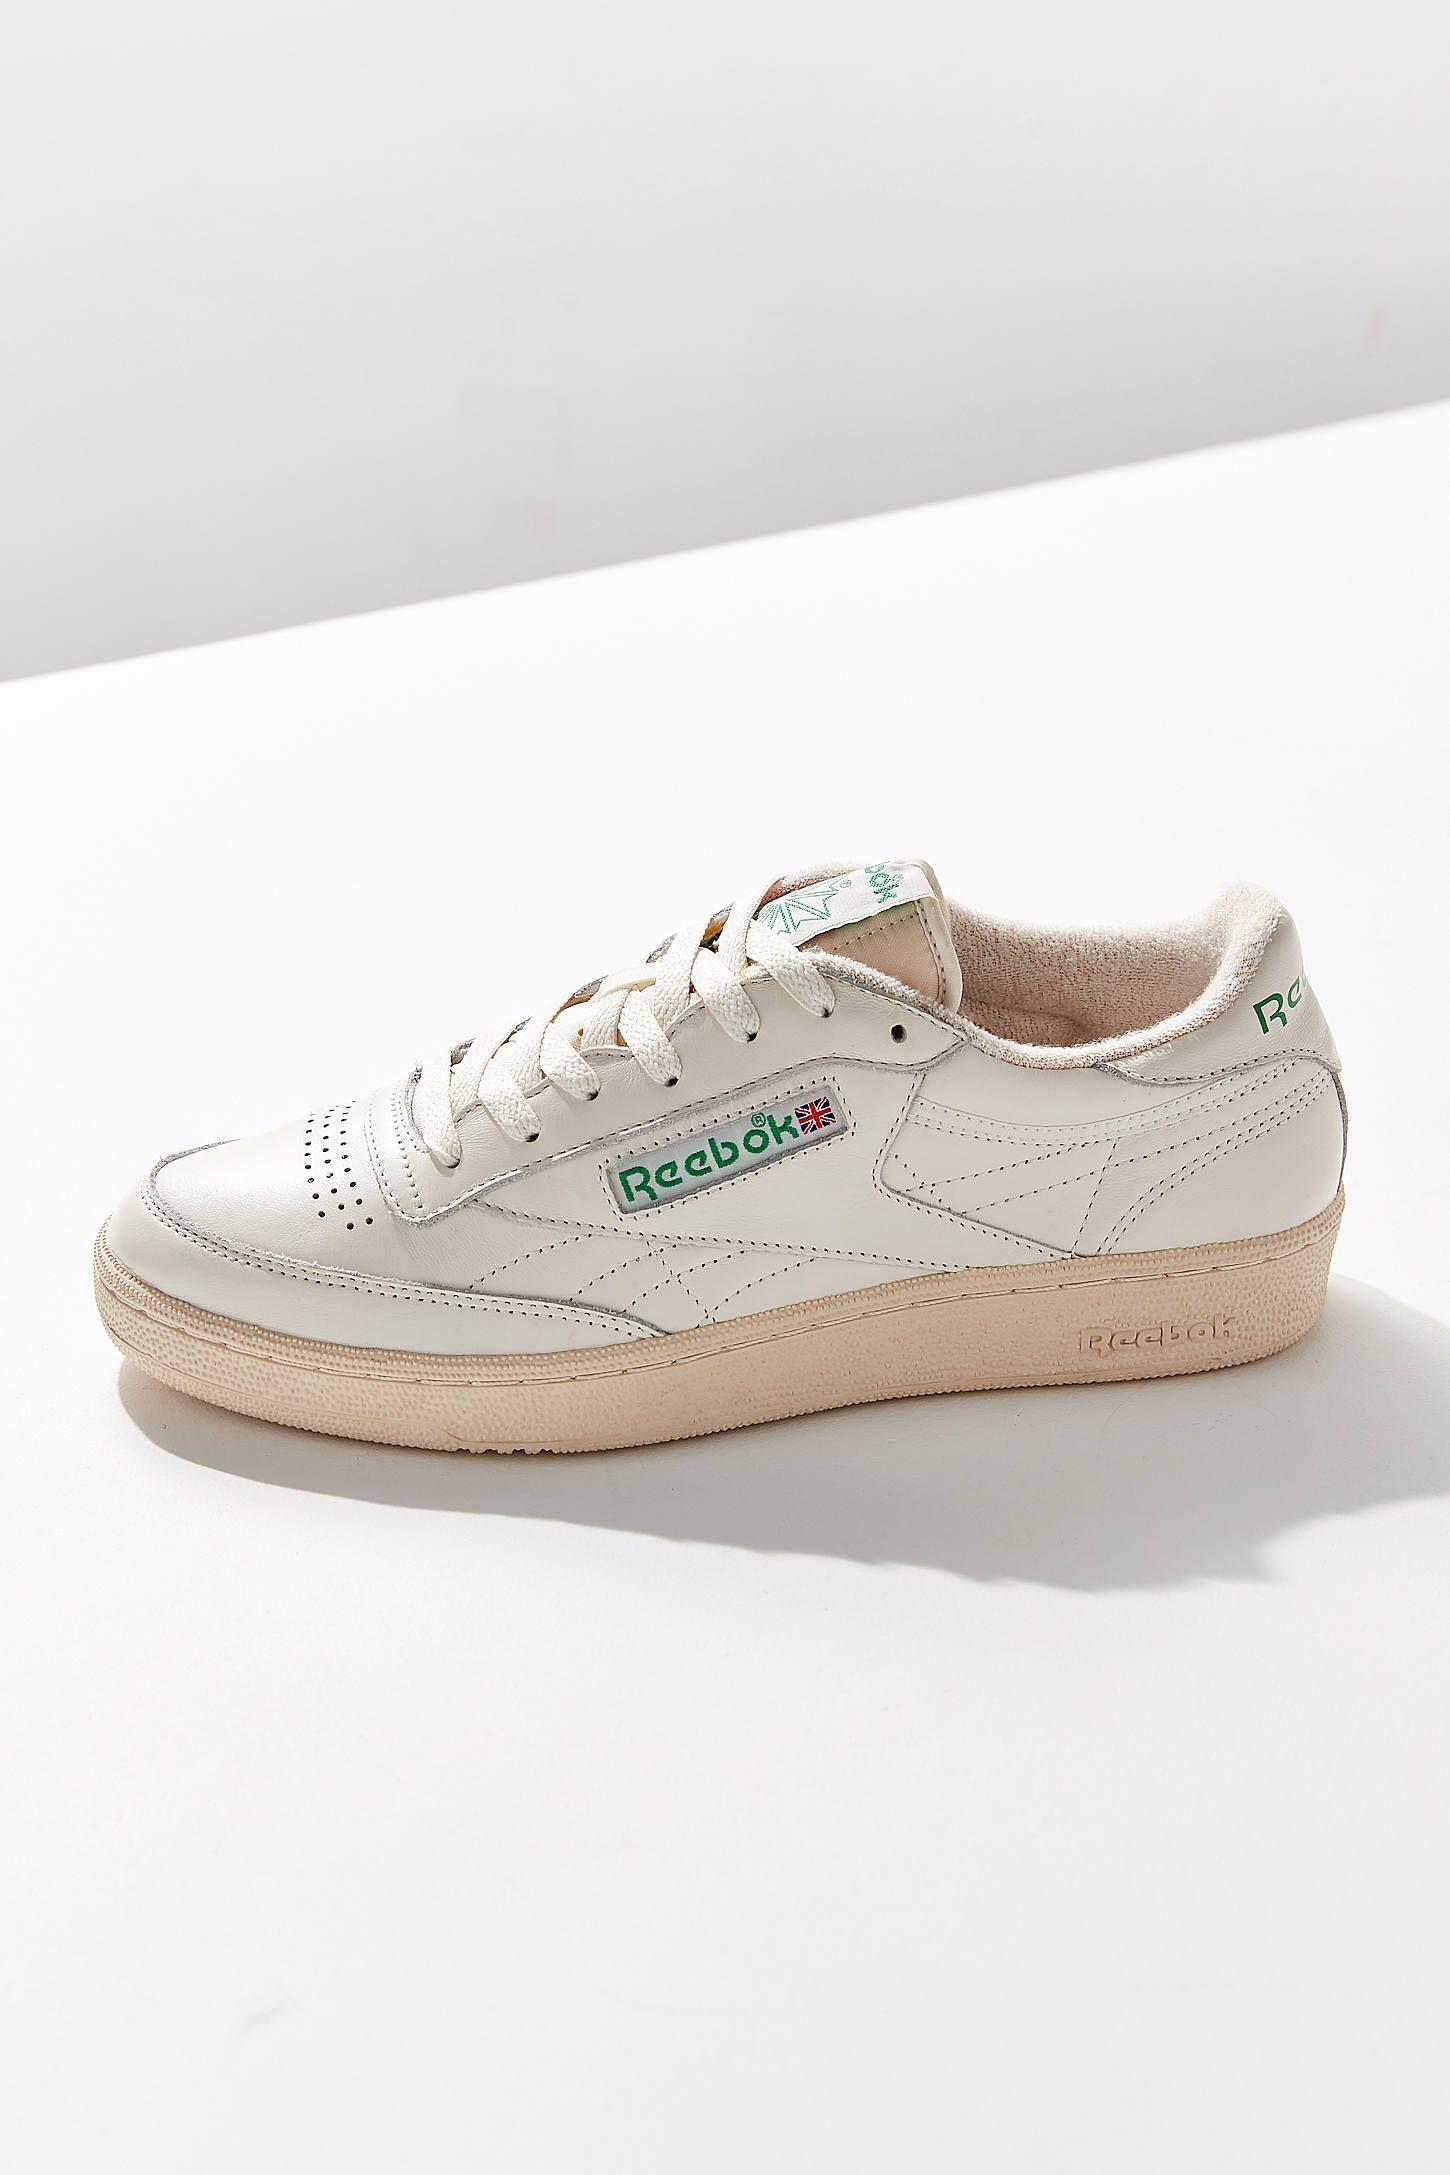 4080ab954bf Reebok Club C 85 RAD Sneaker